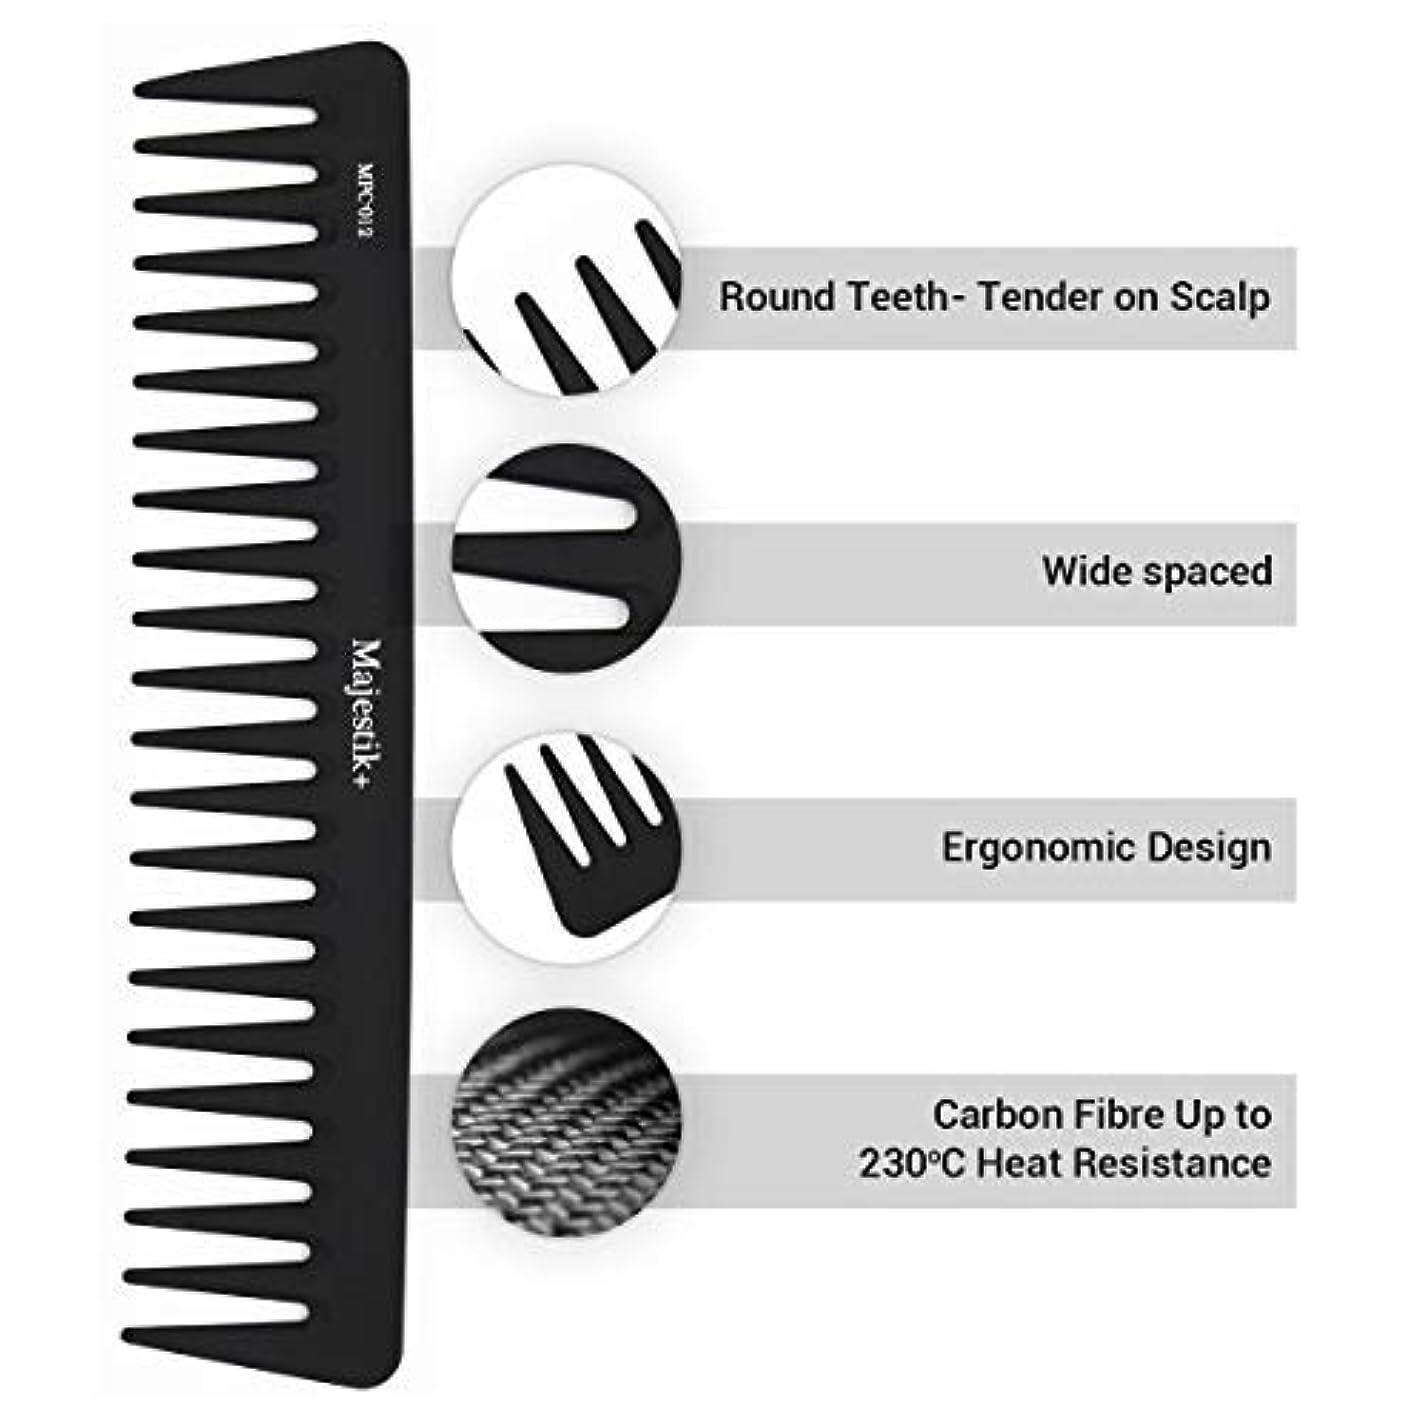 ジーンズ干ばつ赤Wide Tooth Comb- a Professional Carbon Fibre Hair Comb by Majestik+, Anti-Static, Strength & Durability, in Black...